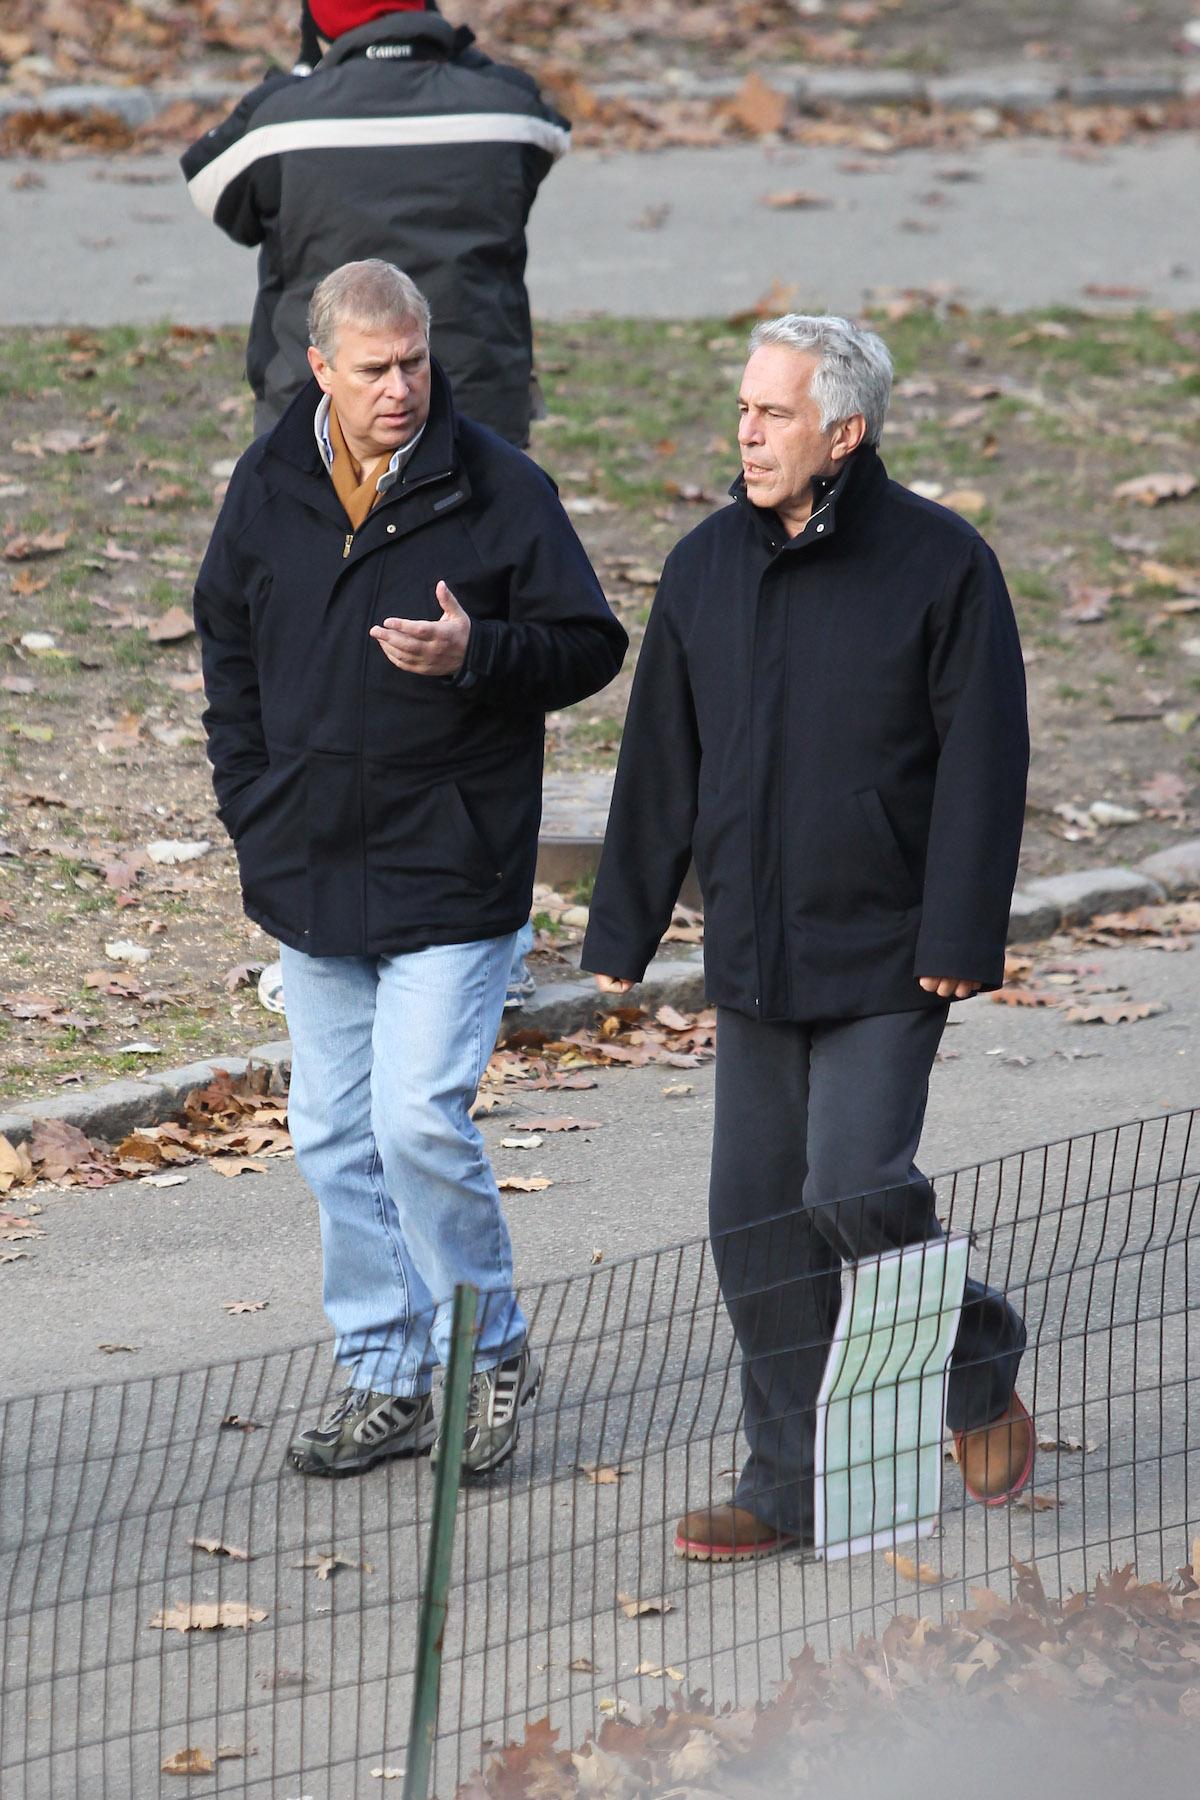 Książe Andrzej na spacerze z przyjacielem pedofilem Jeffrey'em Epsteinem.